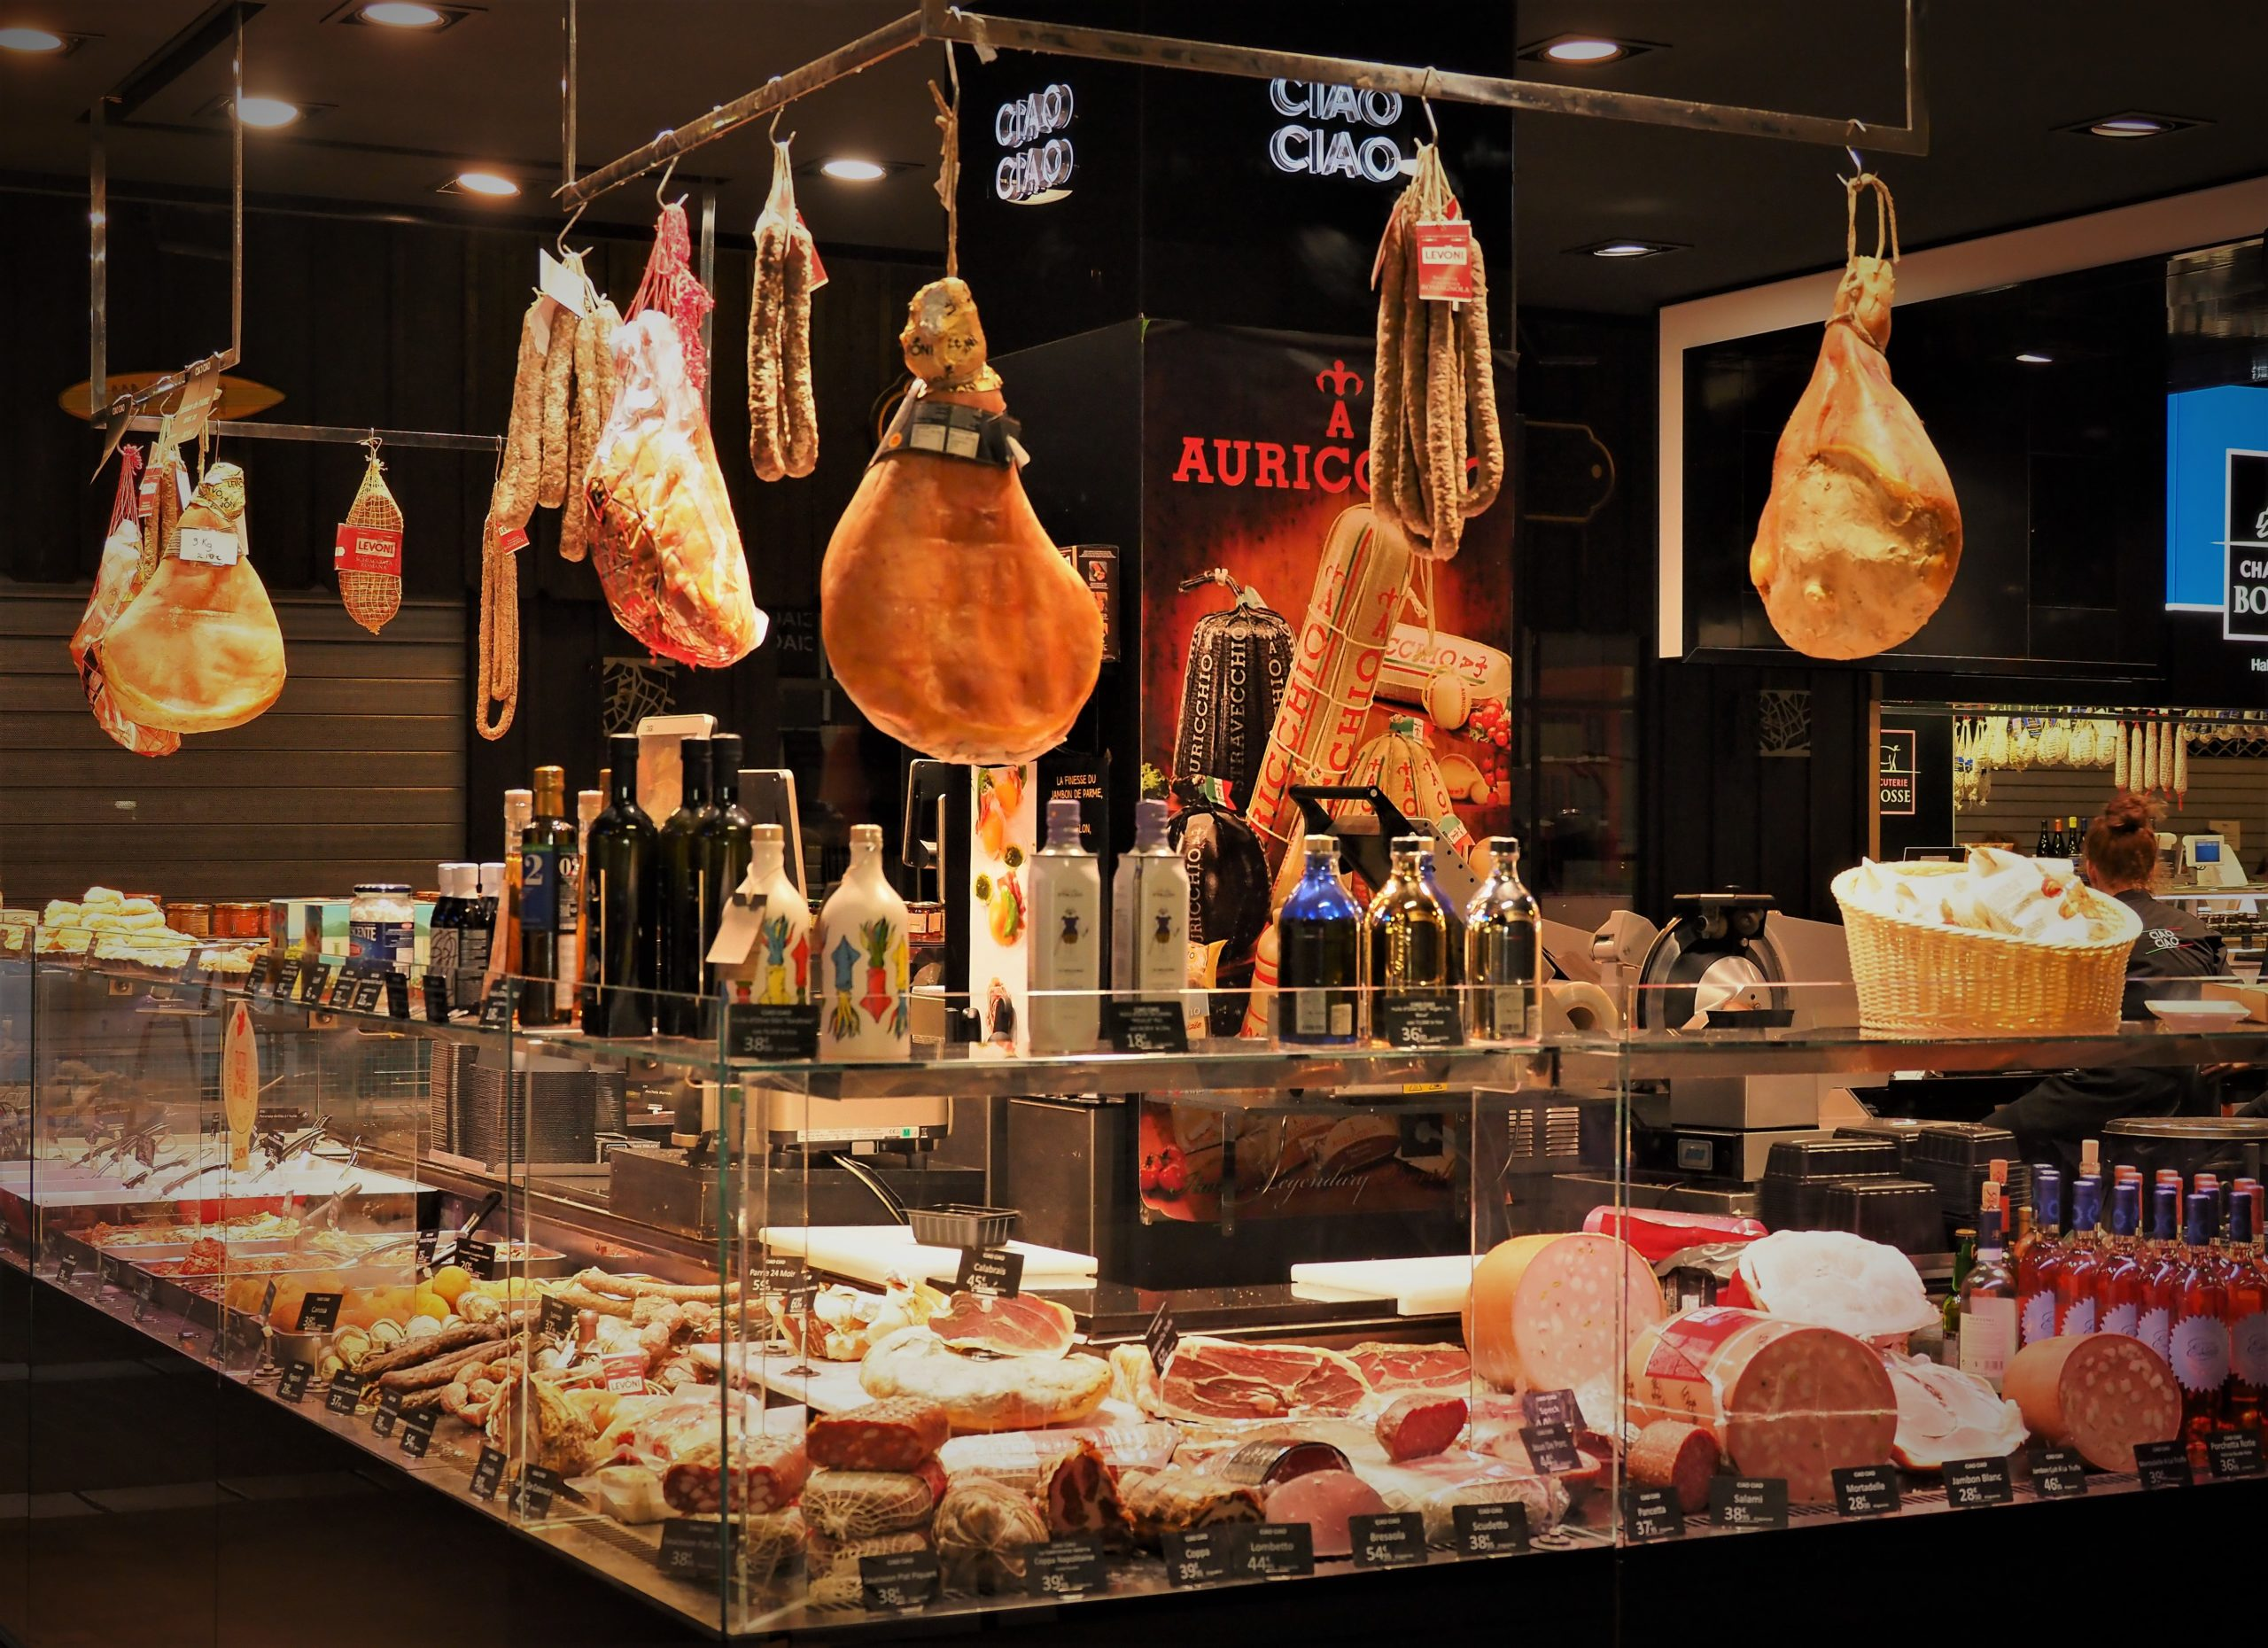 フランス リヨン中央市場 ポール・ボキューズ市場